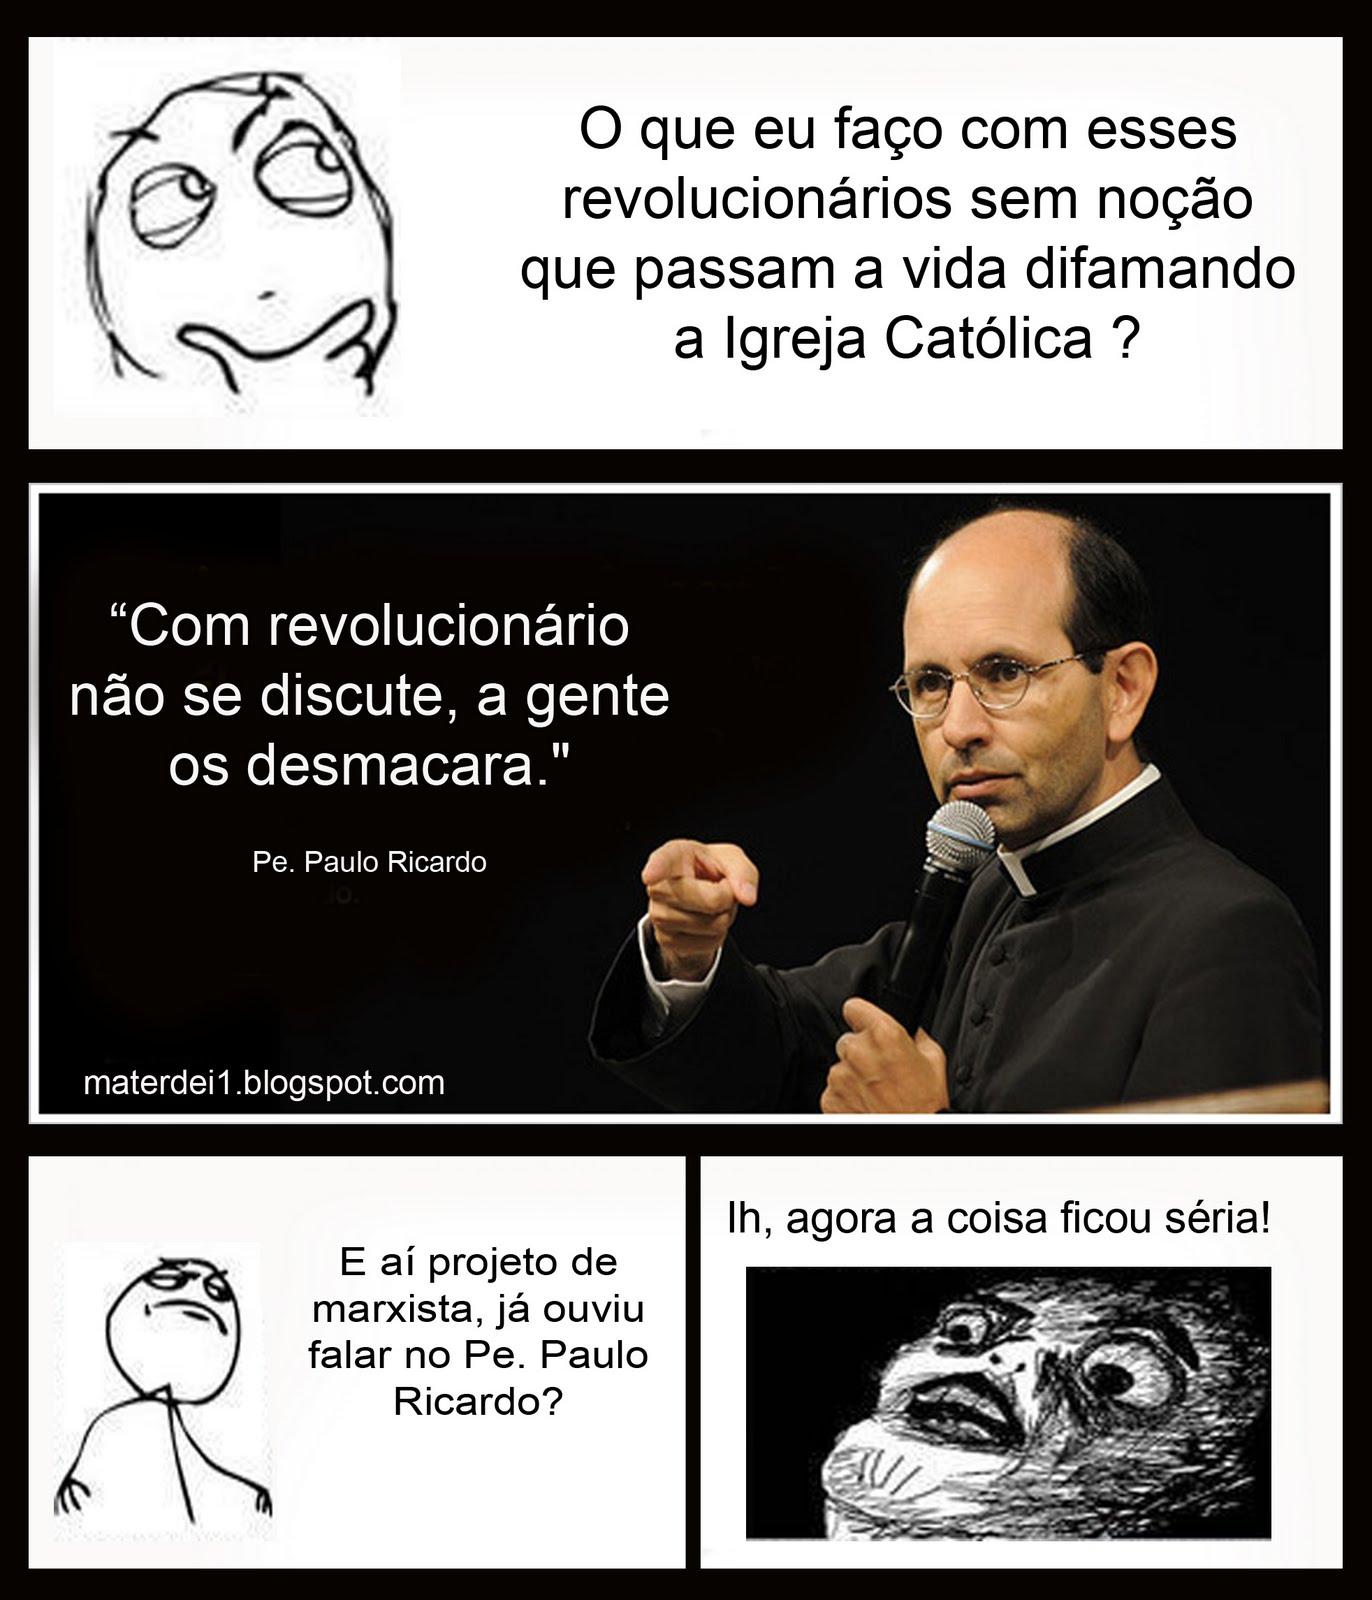 Pe%2BPaulo%2BRicardo%2B %2BContra%2BRevolu%25C3%25A7%25C3%25A3o mater dei memes católicos contra revolução